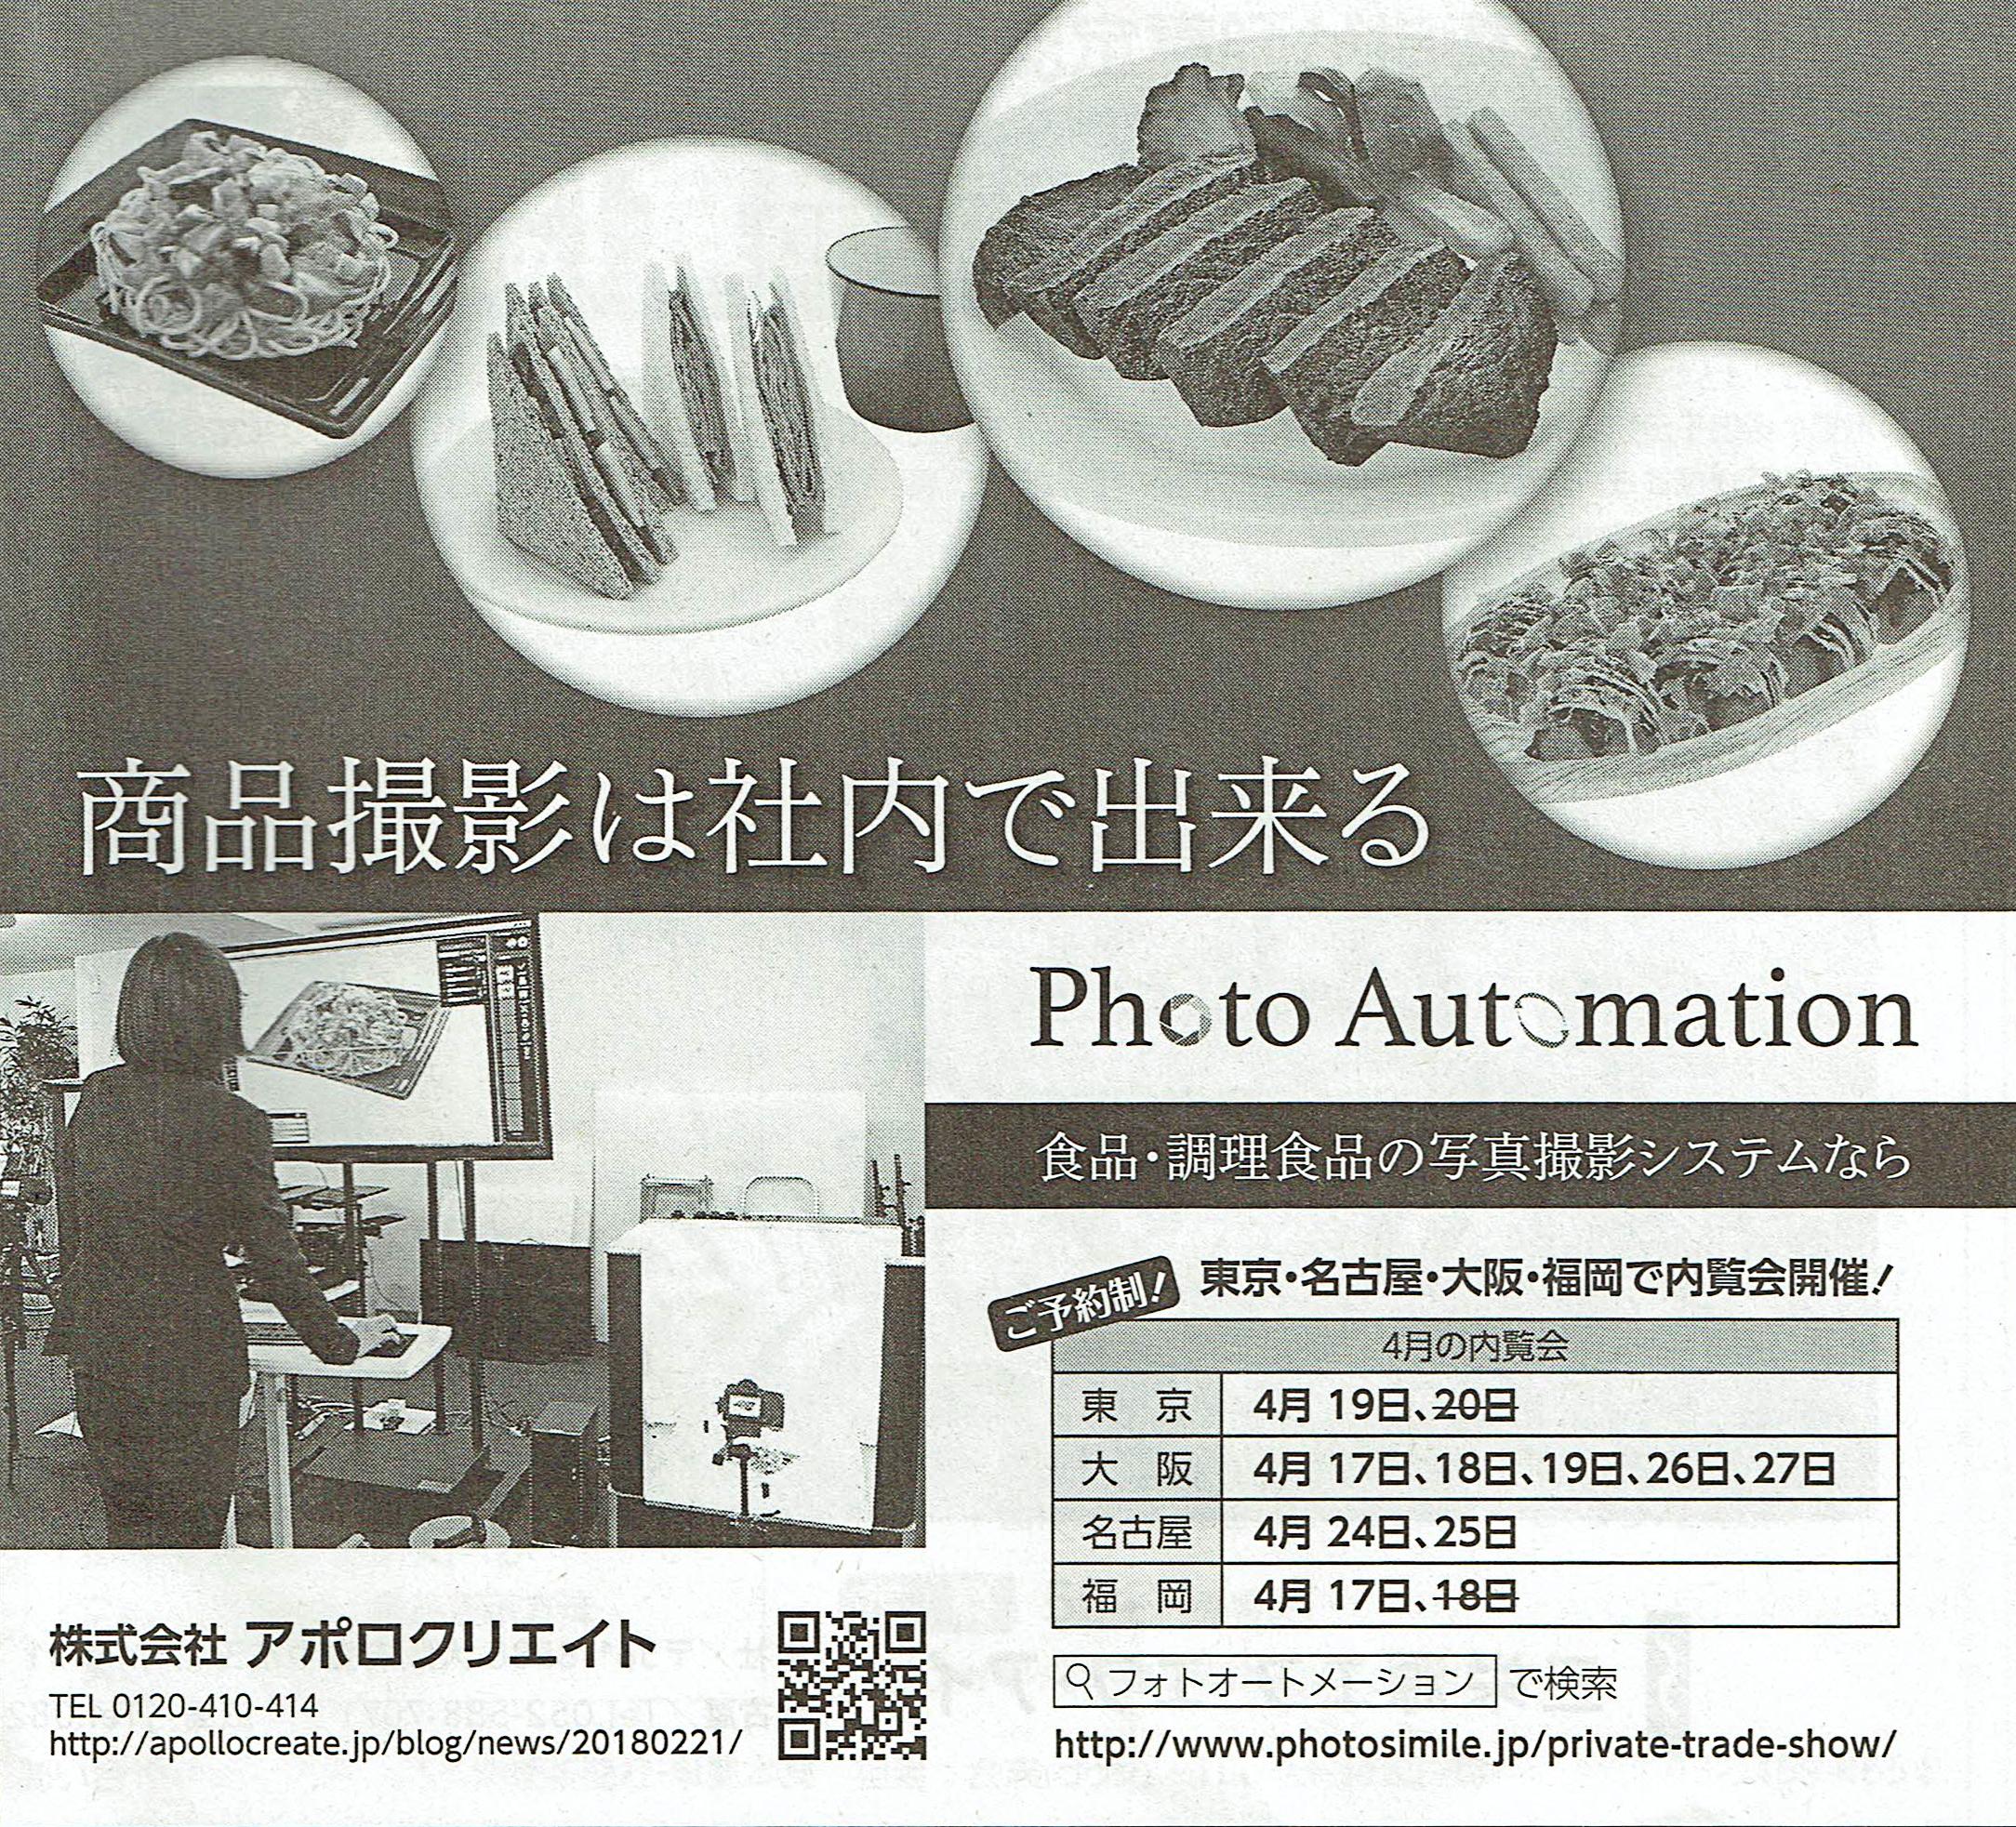 日本食糧新聞にフォトシミリについて掲載されました。